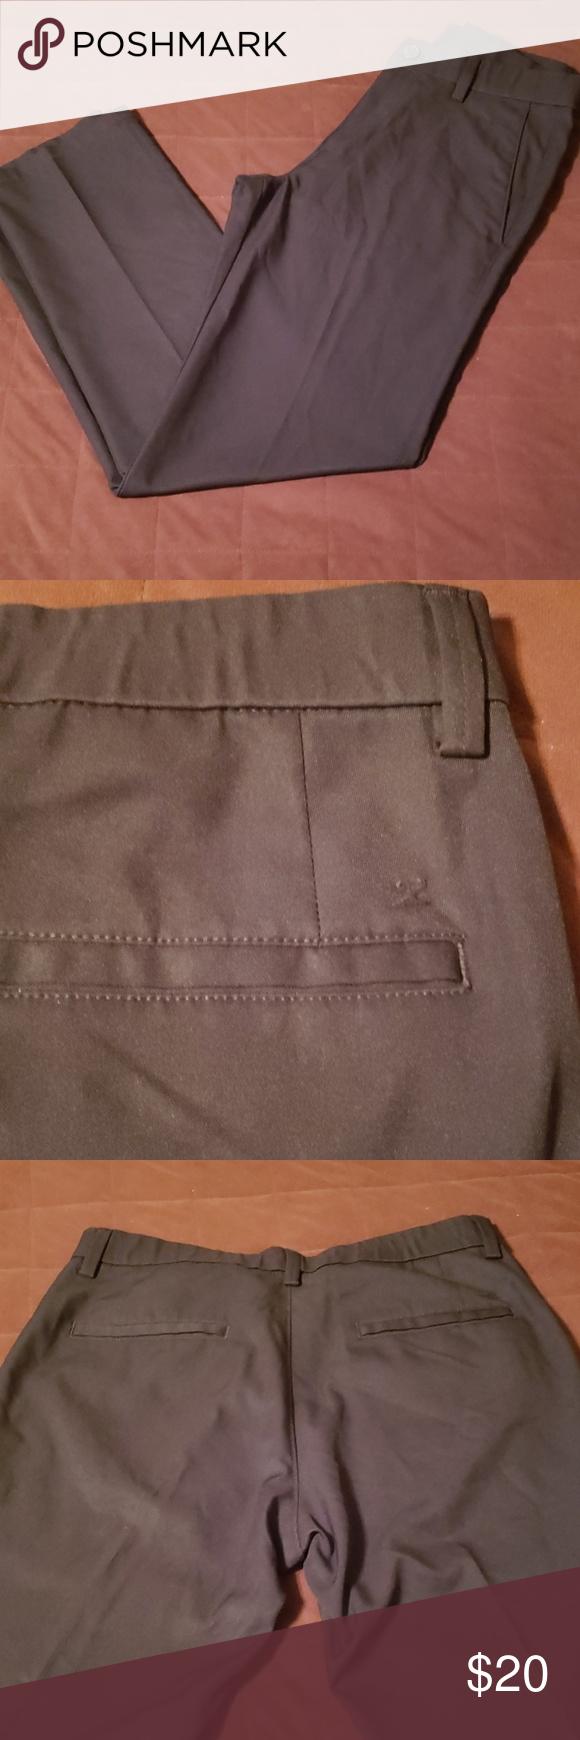 Men S Black Dress Pant Black Dress Pants Men Black Dress Pants Dress Pant [ 1740 x 580 Pixel ]